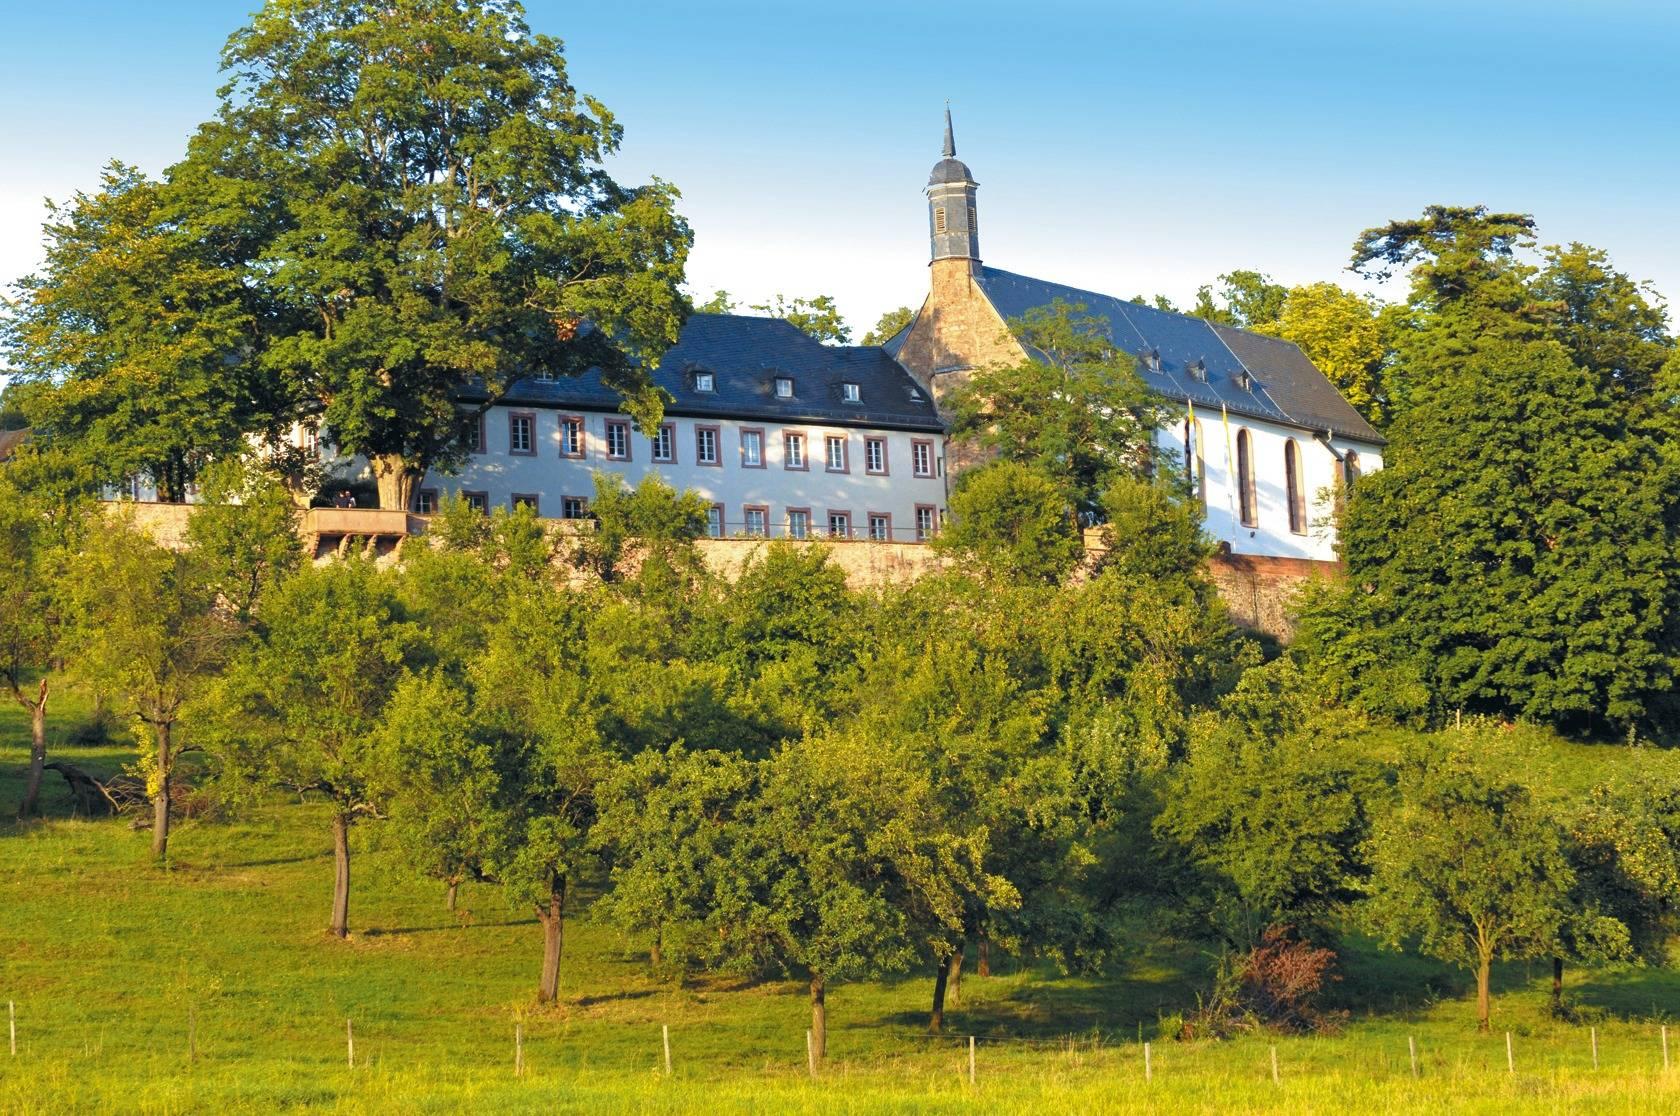 Bildergebnis für Stift Neuburg - kostenlose Fotos